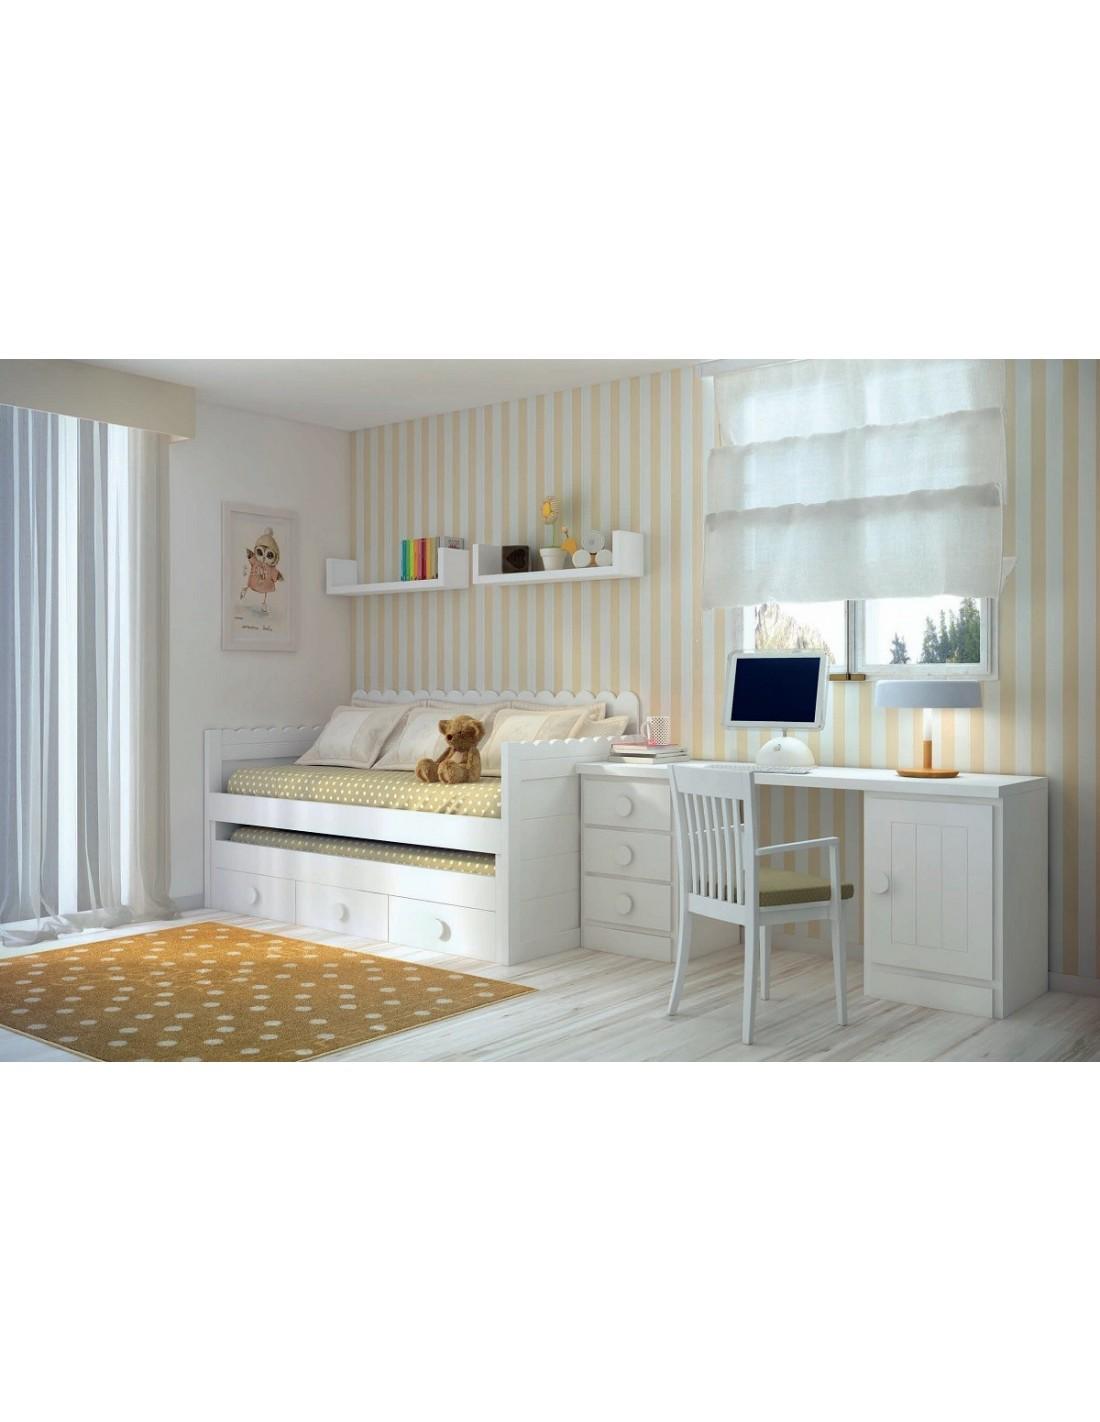 Comprar dormitorio juvenil tienda muebles online madrid for Muebles blancos dormitorio